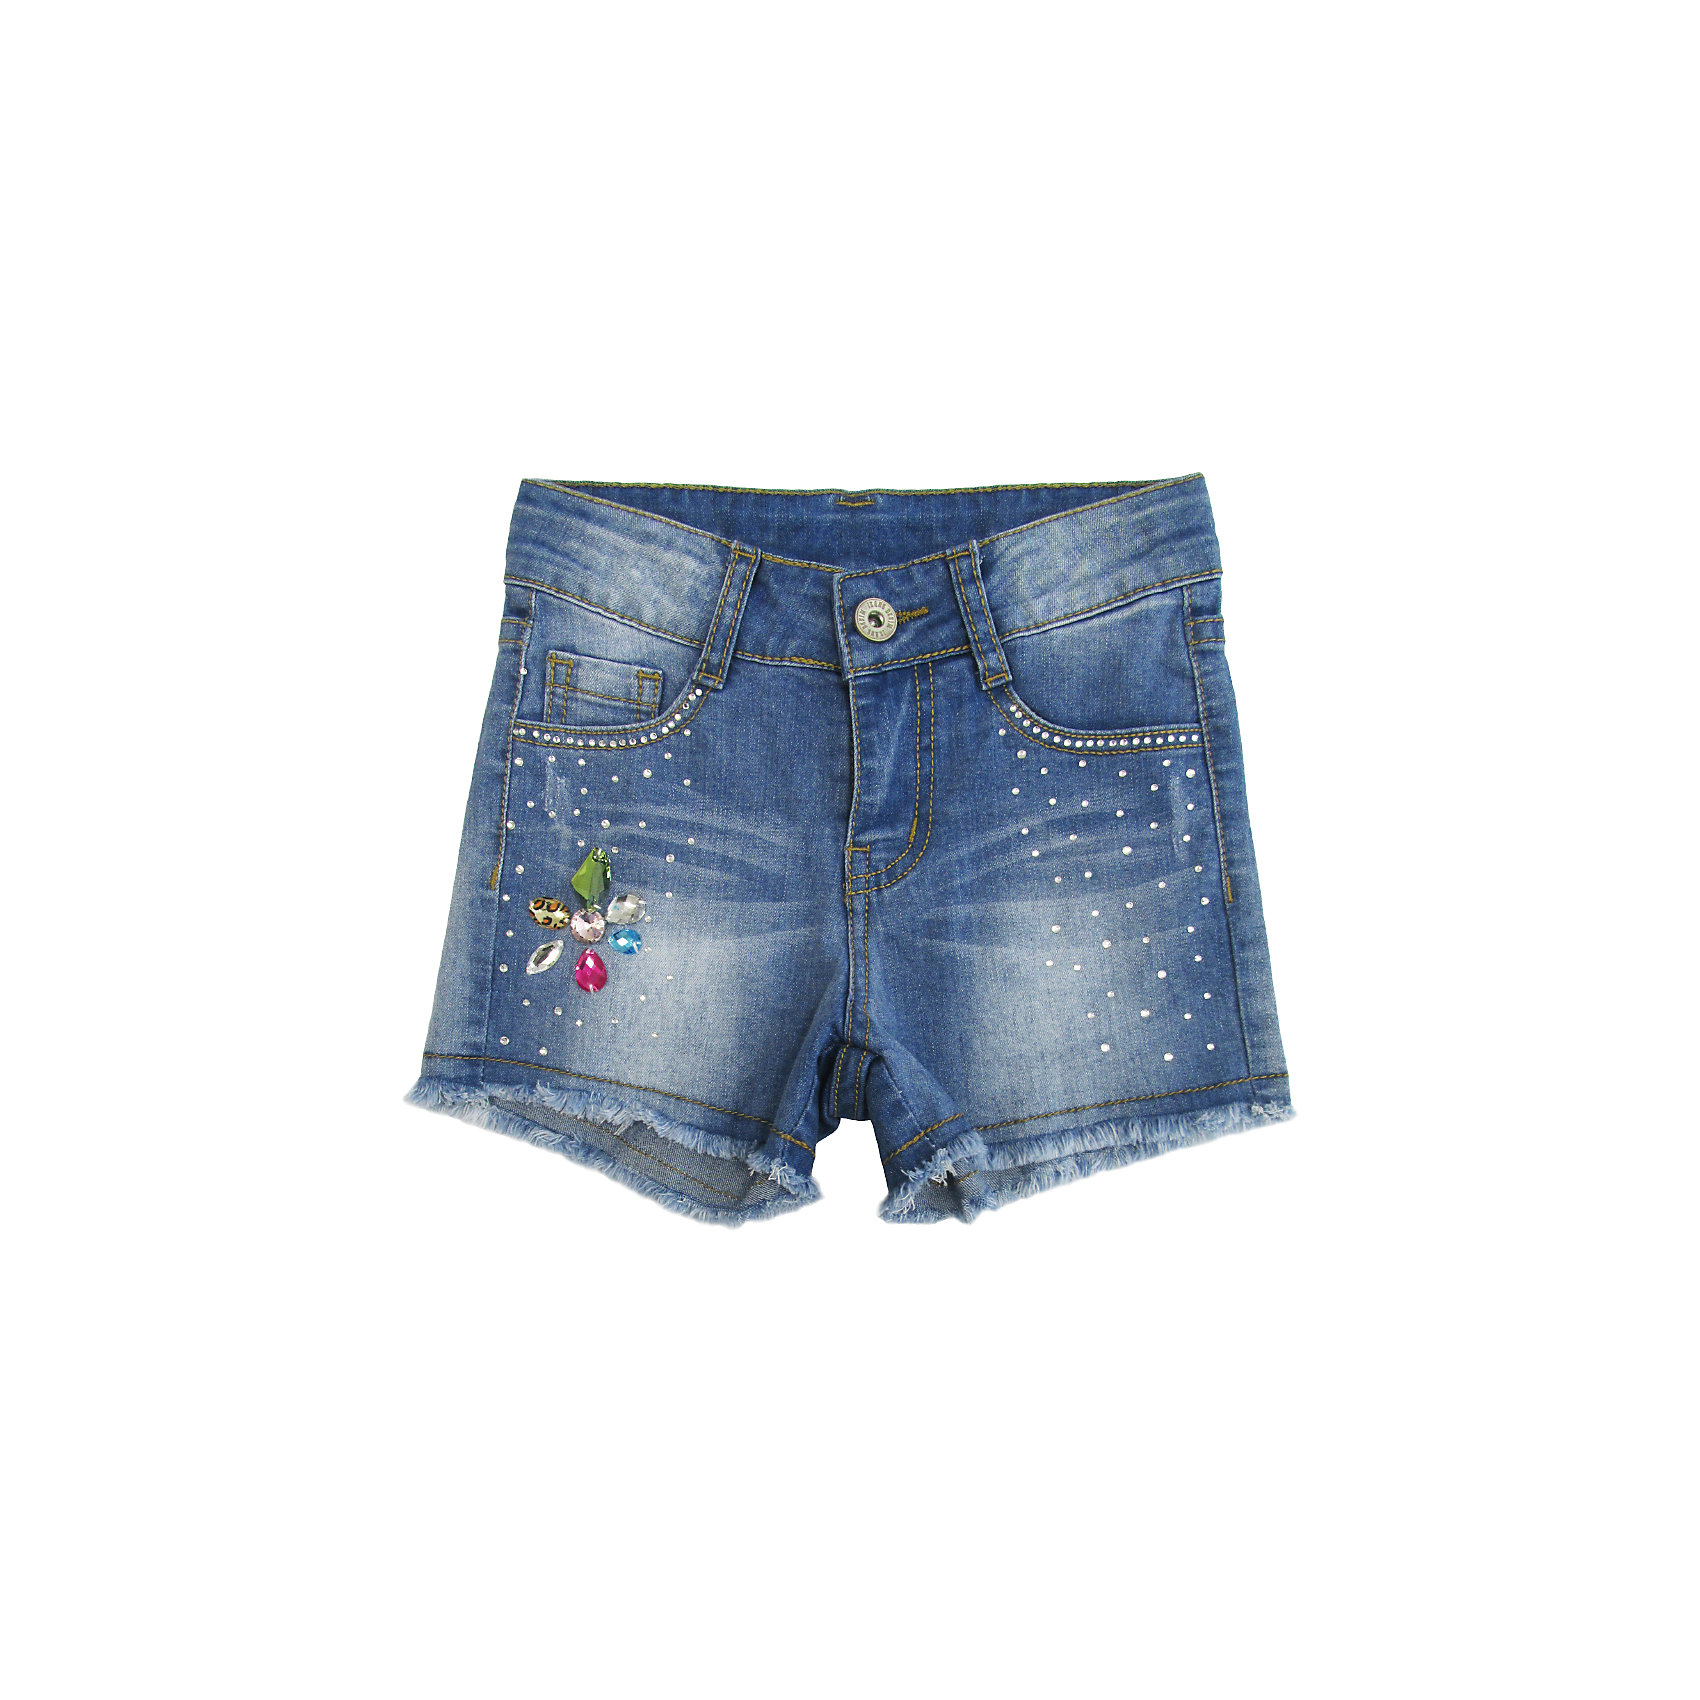 Шорты джинсовые для девочки Sweet BerryДжинсовая одежда<br>Джинсовые шорты для девочки. Декорированы яркой аппликацией и стразами. Застегиваются на молнию и пуговицу.   В боковой части пояса находятся вшитые эластичные ленты, регулирующие посадку по талии.<br>Состав:<br>98%хлопок 2%эластан<br><br>Ширина мм: 191<br>Глубина мм: 10<br>Высота мм: 175<br>Вес г: 273<br>Цвет: голубой<br>Возраст от месяцев: 36<br>Возраст до месяцев: 48<br>Пол: Женский<br>Возраст: Детский<br>Размер: 104,98,110,116,122,128<br>SKU: 5412724